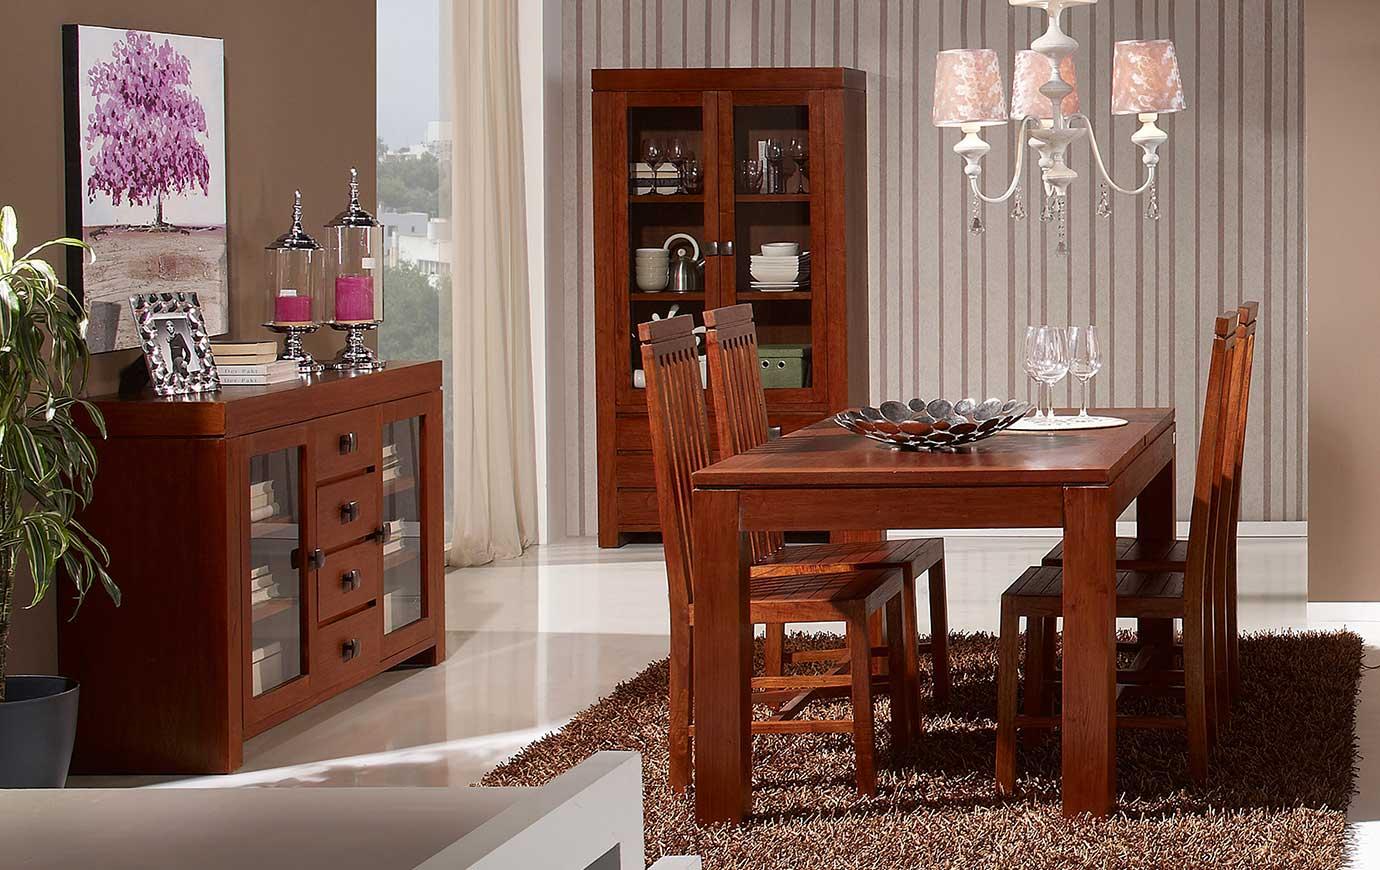 Muebles coloniales modernos de madera color nogal ...